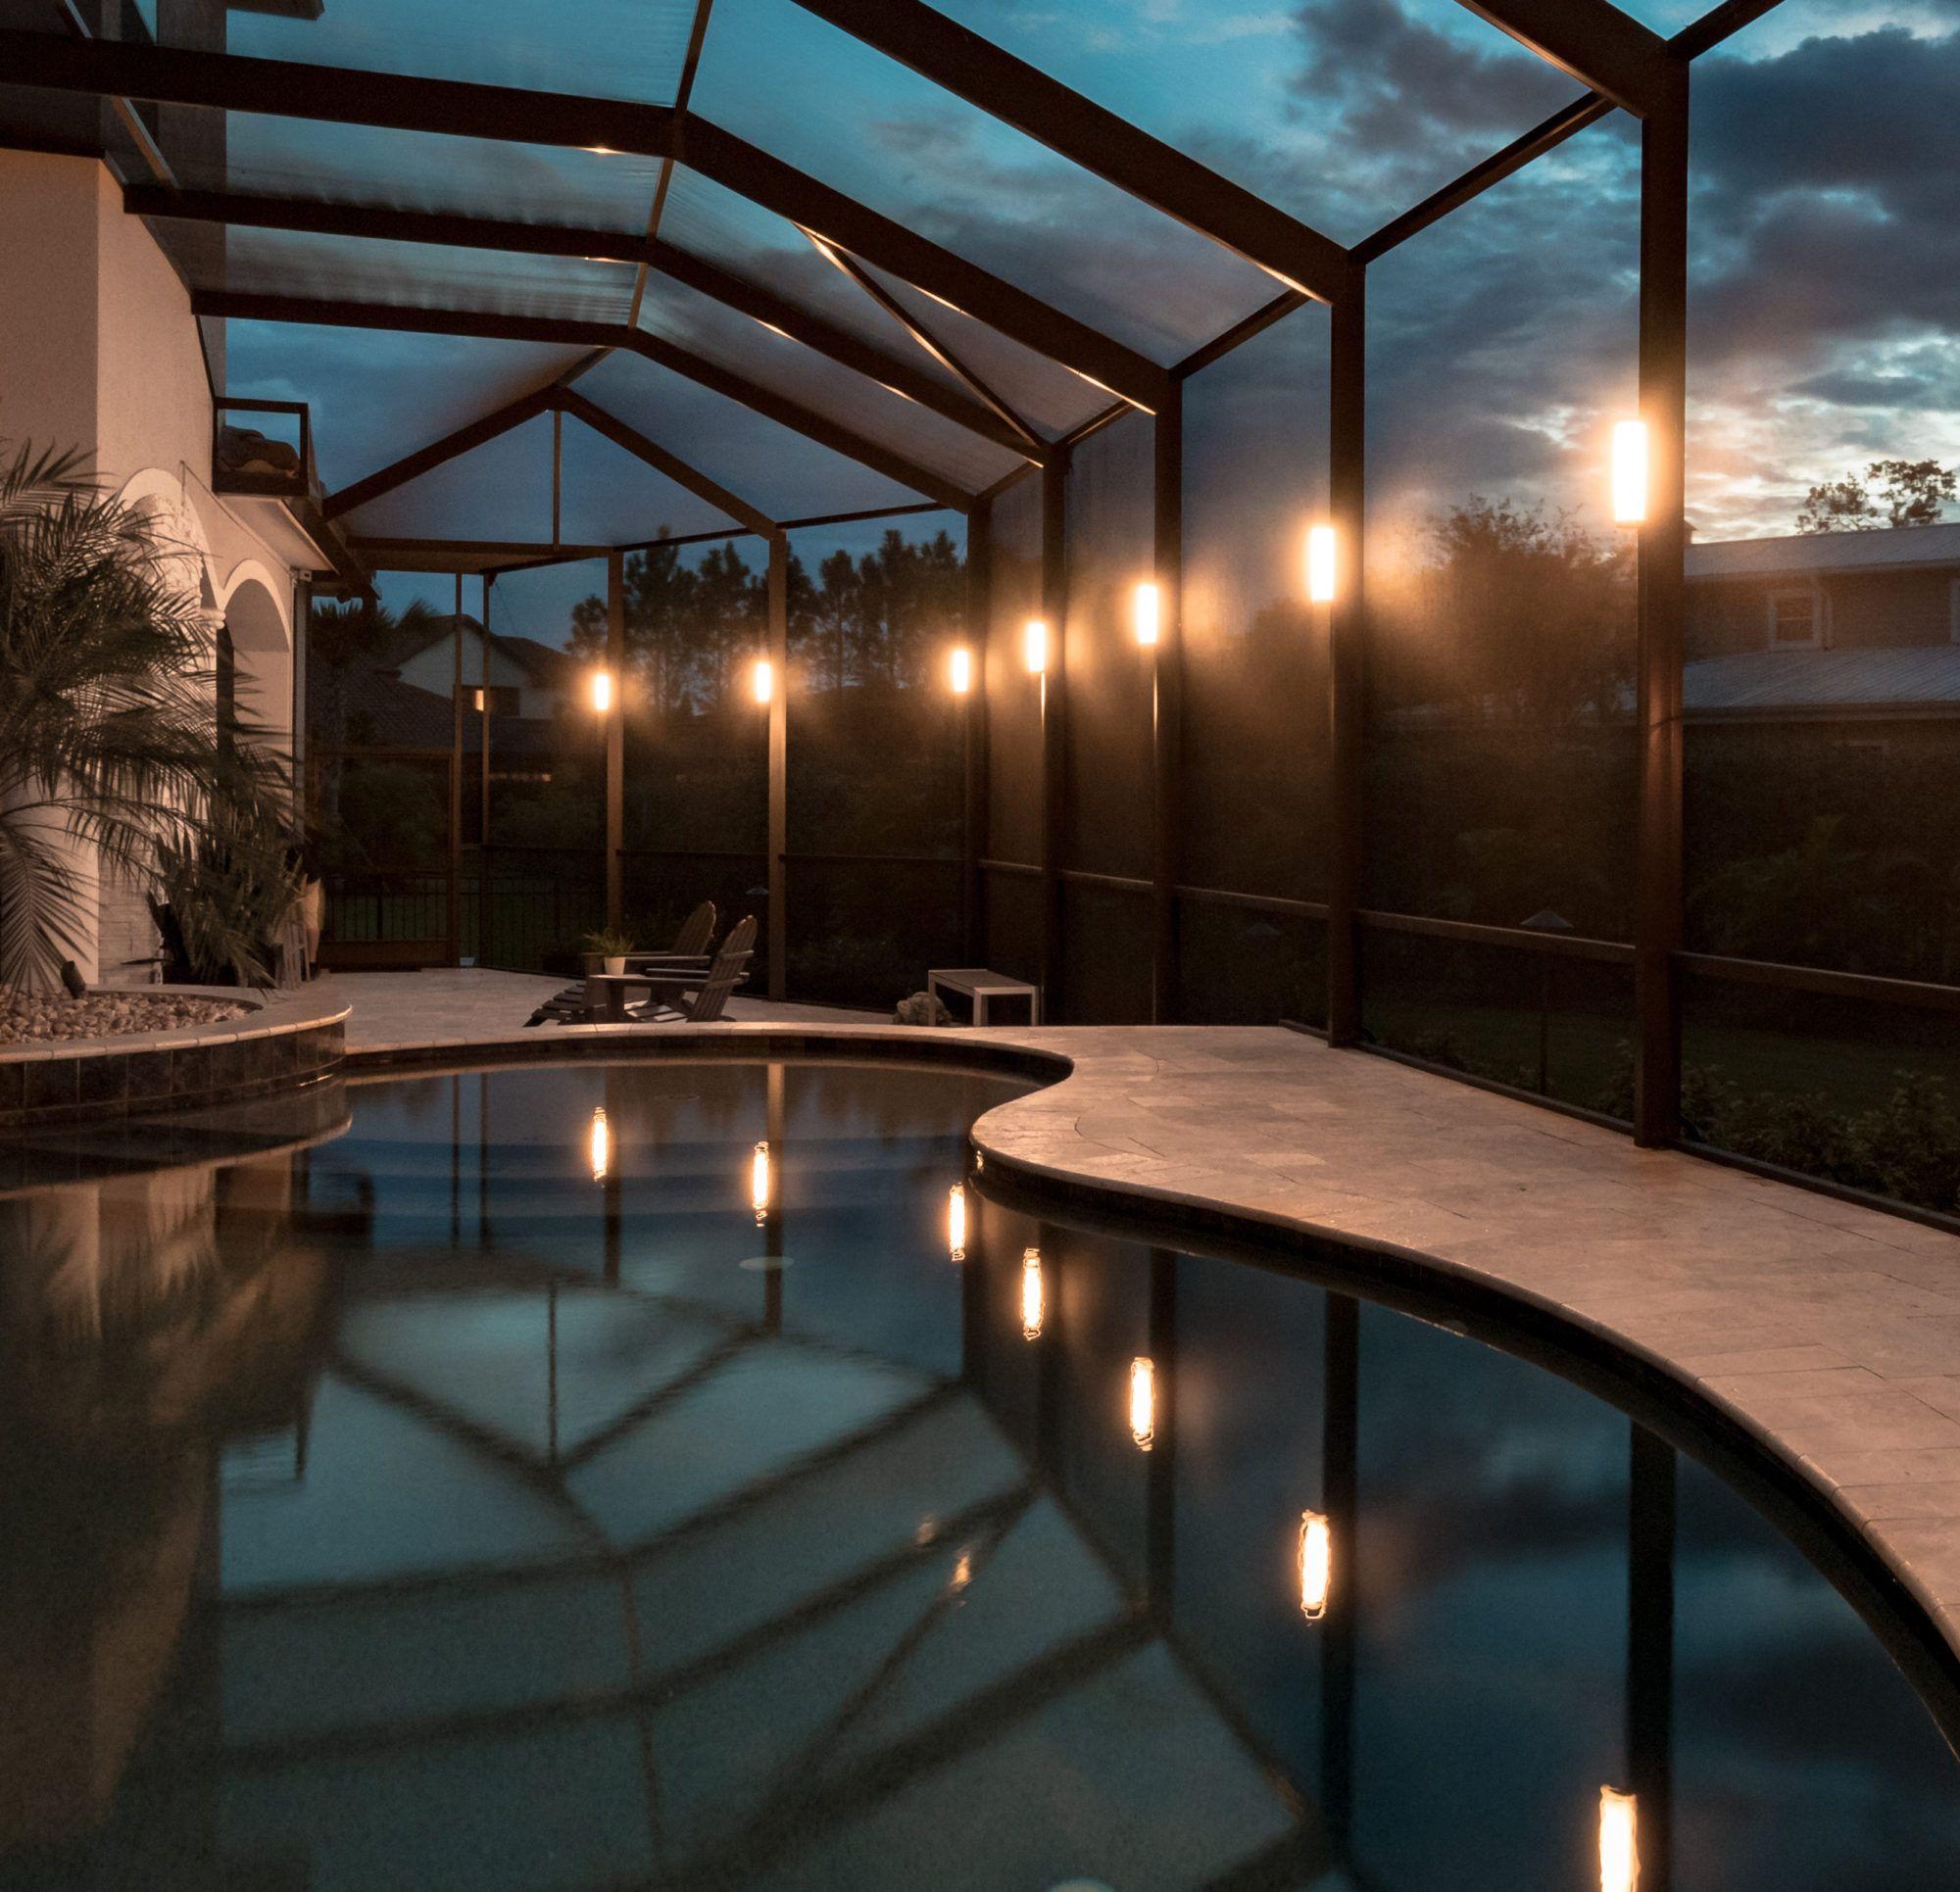 Elegant Led Lanai Lighting Pool Enclosure Lighting Florida S E Us Lanai Lighting Pool Cage Florida Pool